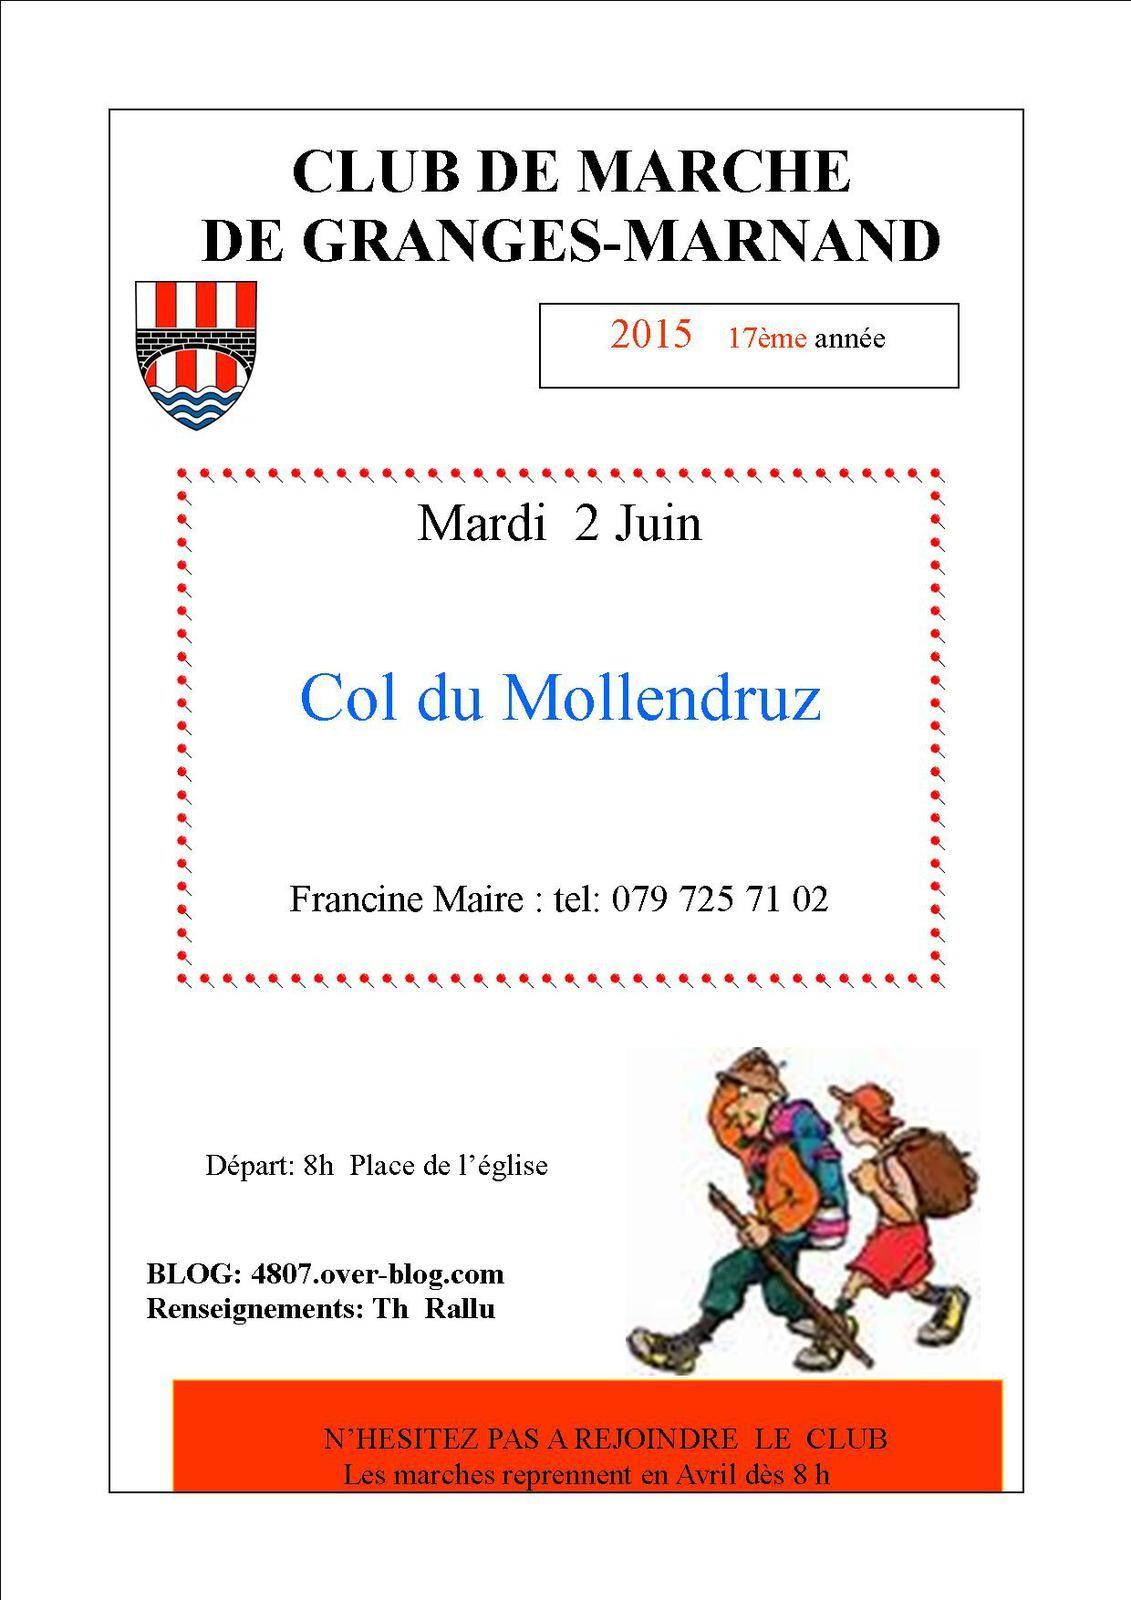 Mardi 2 juin : Col du Mollendruz